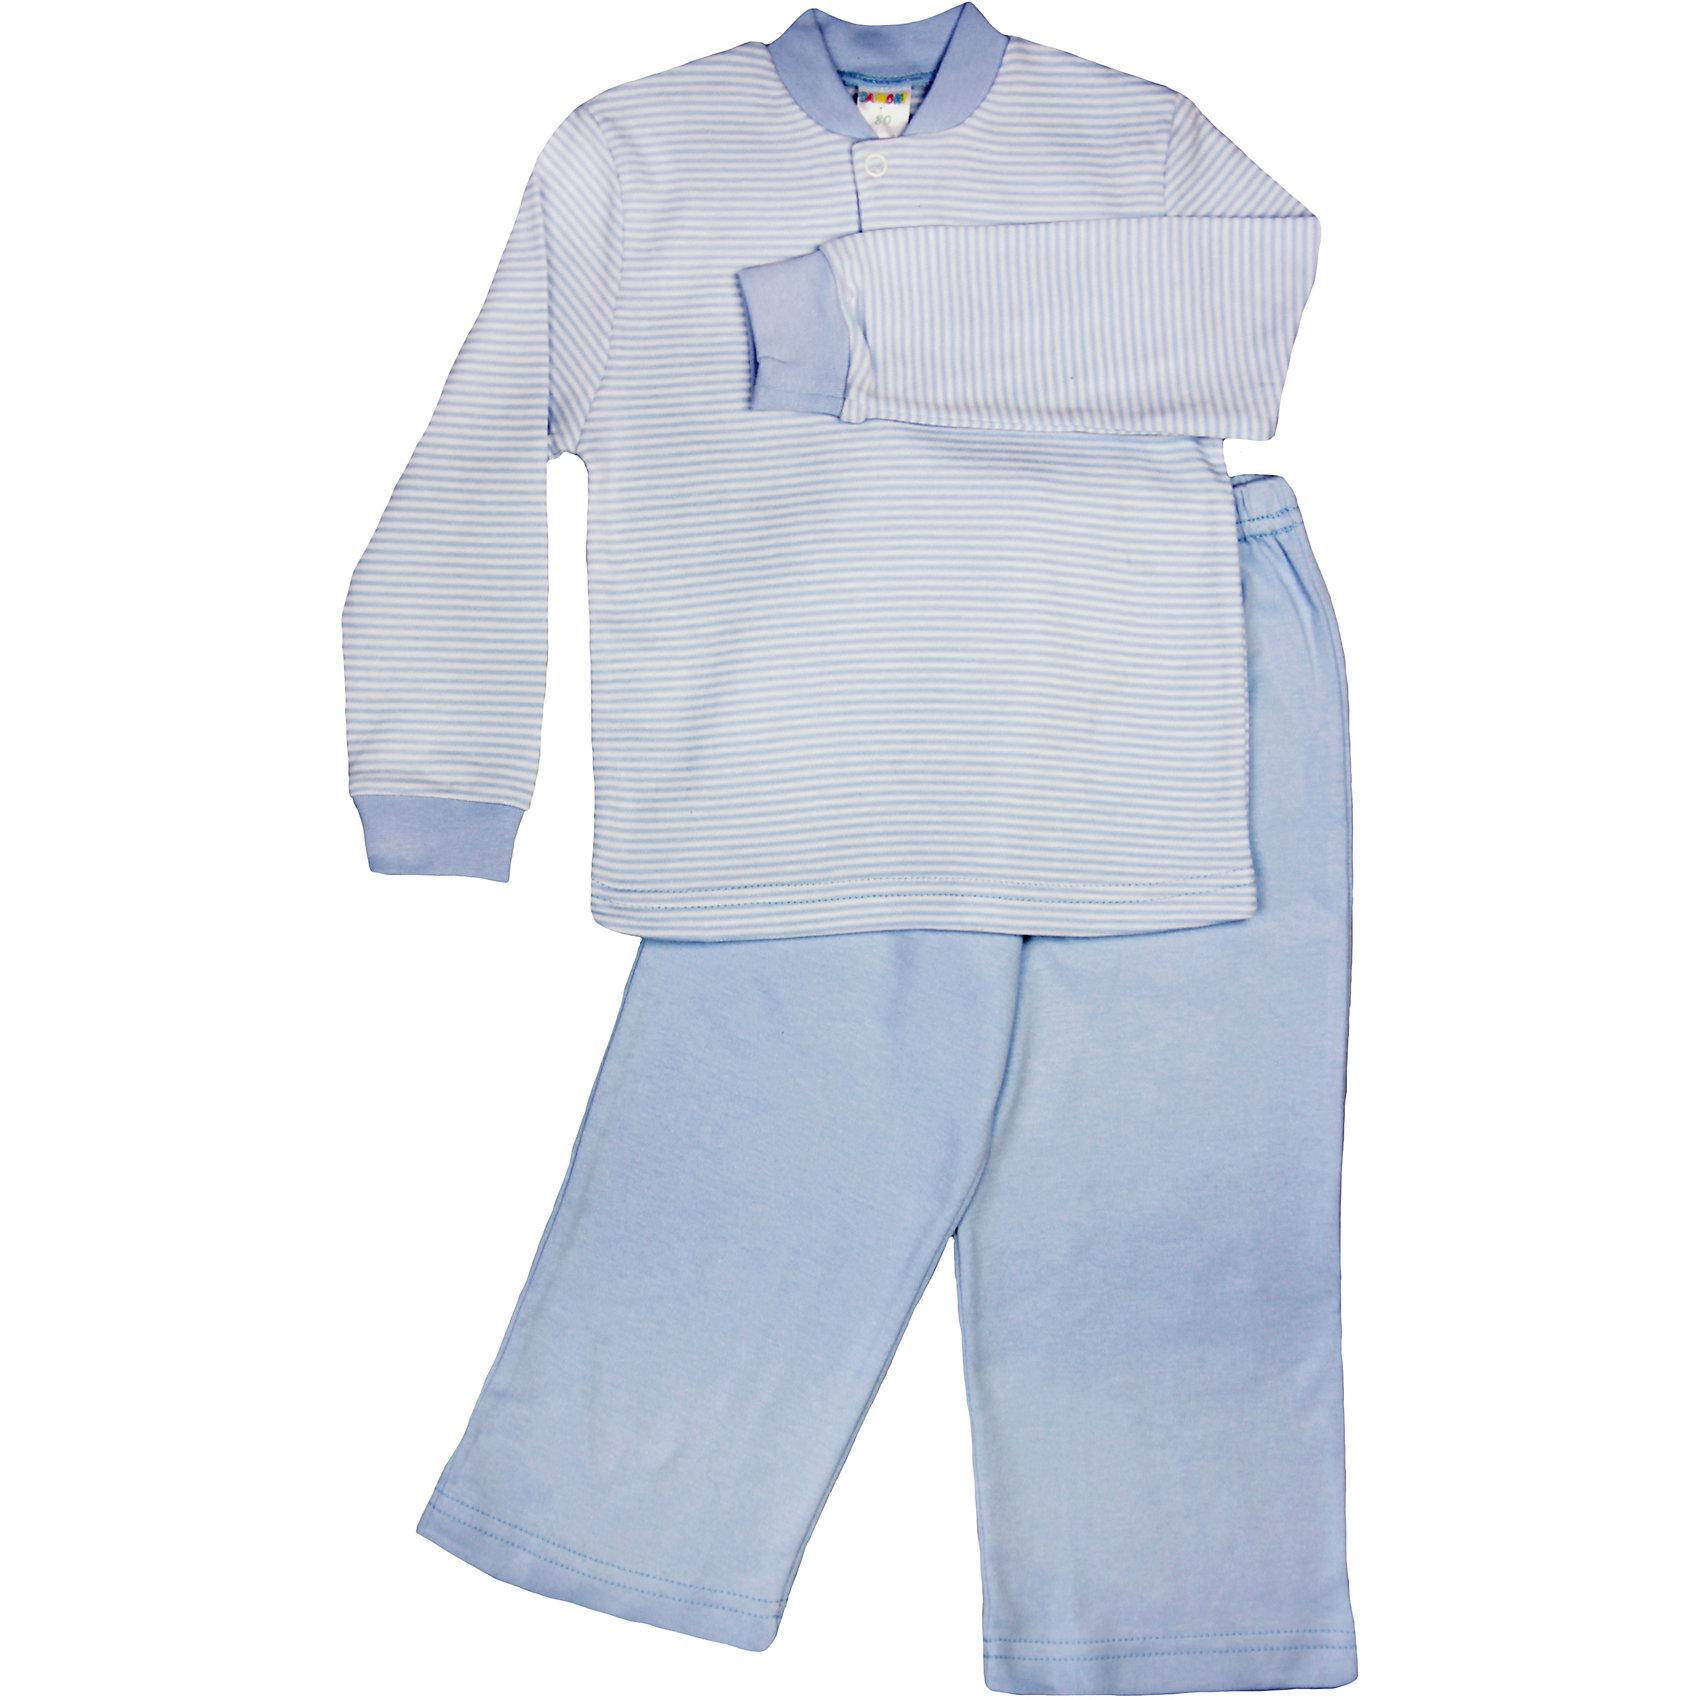 Пижама ДамонтУютная пижама для мальчика , состоящая из кофты и брюк, идеально подойдет вашему ребенку и станет отличным дополнением к детскому гардеробу. Изготовленная из натурального хлопка, она необычайно мягкая и легкая, не сковывает движения, позволяет коже дышать и не раздражает даже самую нежную и чувствительную кожу ребенка. В такой пижаме ваш ребенок будет чувствовать себя комфортно и уютно во время сна.<br><br>Состав: 100% хлопок<br><br>Ширина мм: 157<br>Глубина мм: 13<br>Высота мм: 119<br>Вес г: 200<br>Цвет: голубой<br>Возраст от месяцев: 12<br>Возраст до месяцев: 15<br>Пол: Унисекс<br>Возраст: Детский<br>Размер: 80,98,104,86,92<br>SKU: 4265014